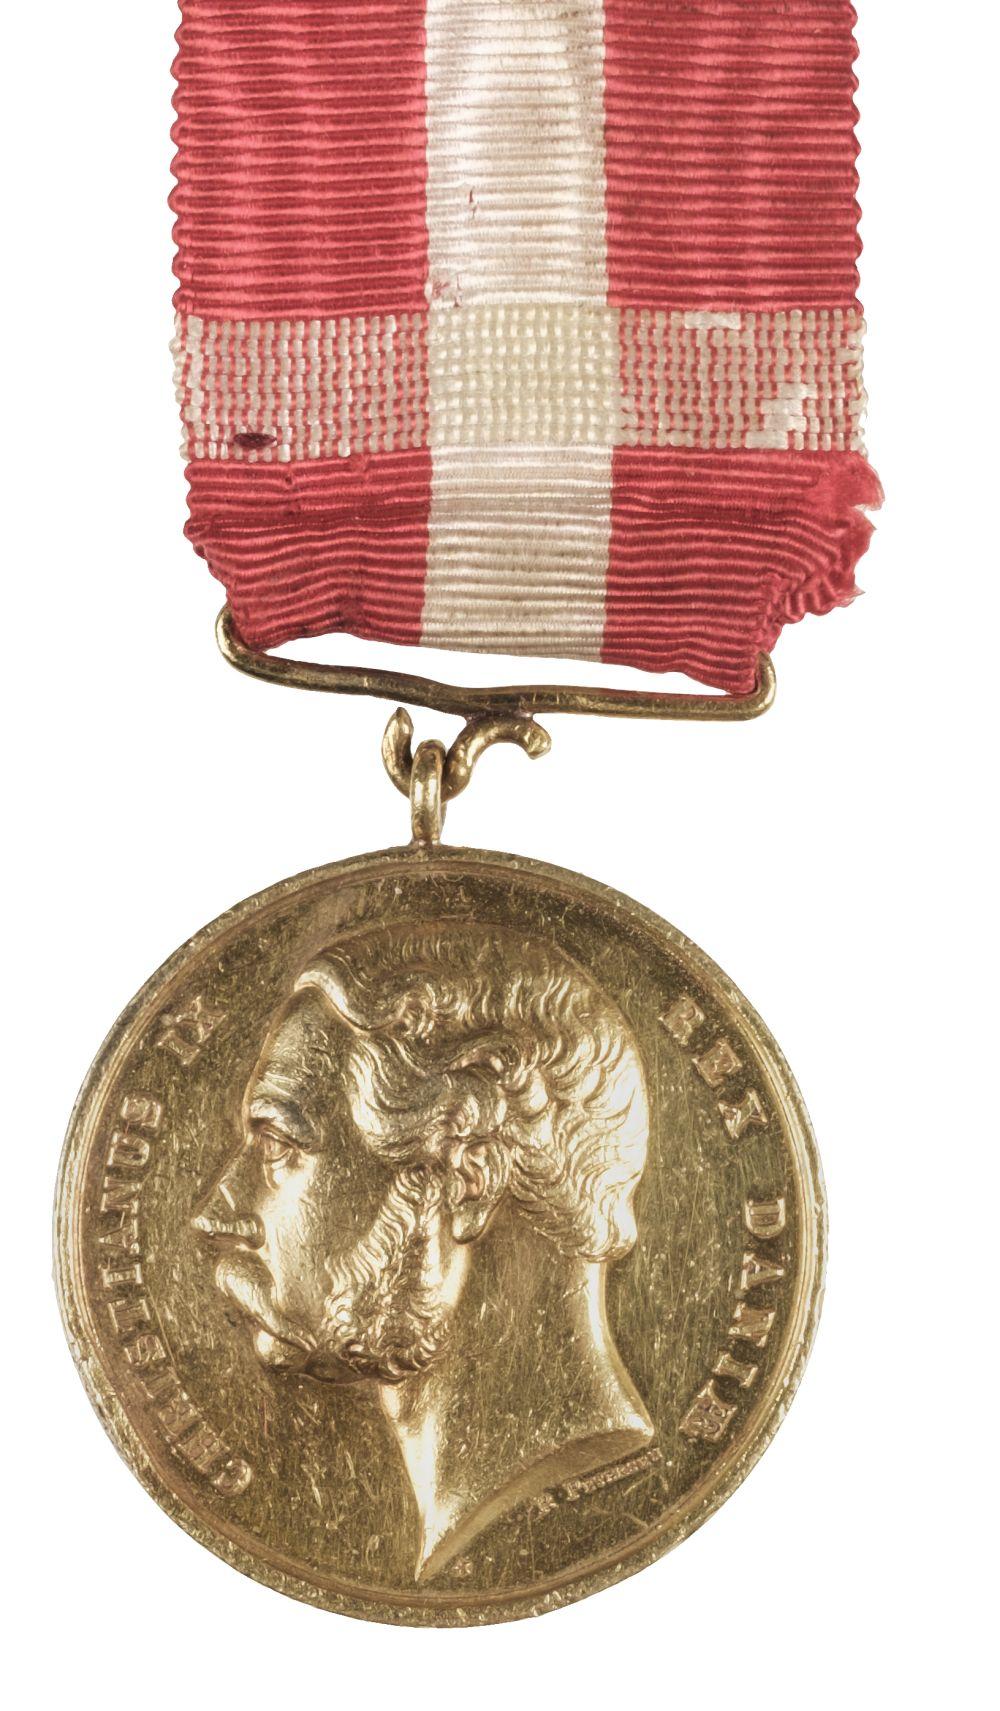 * Denmark. Christianus IX Gold Medal - J Blackburn